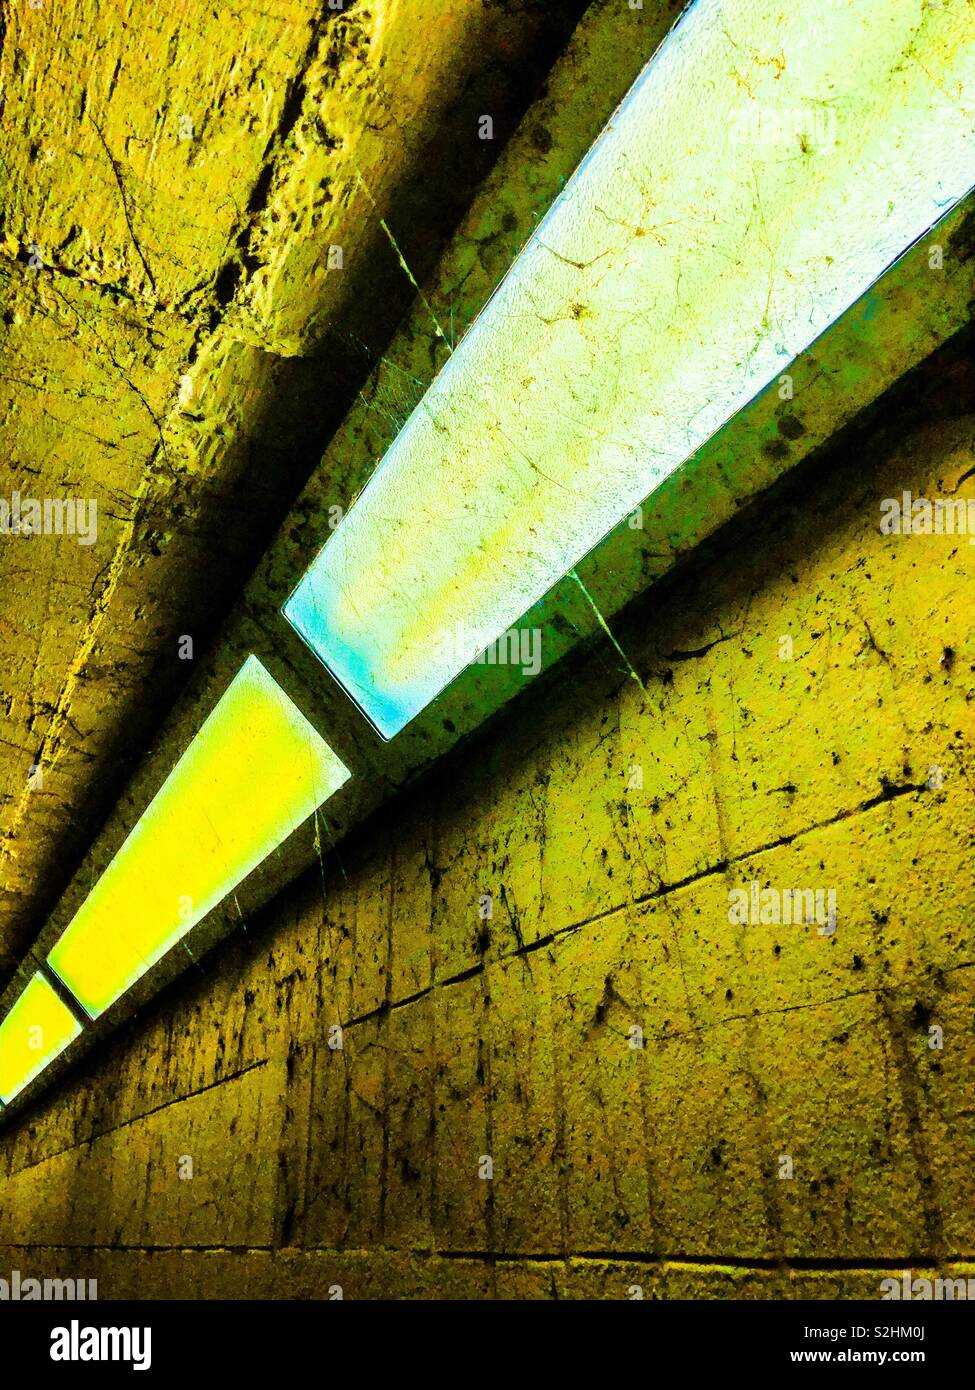 Unterführung Beleuchtung. Stockbild